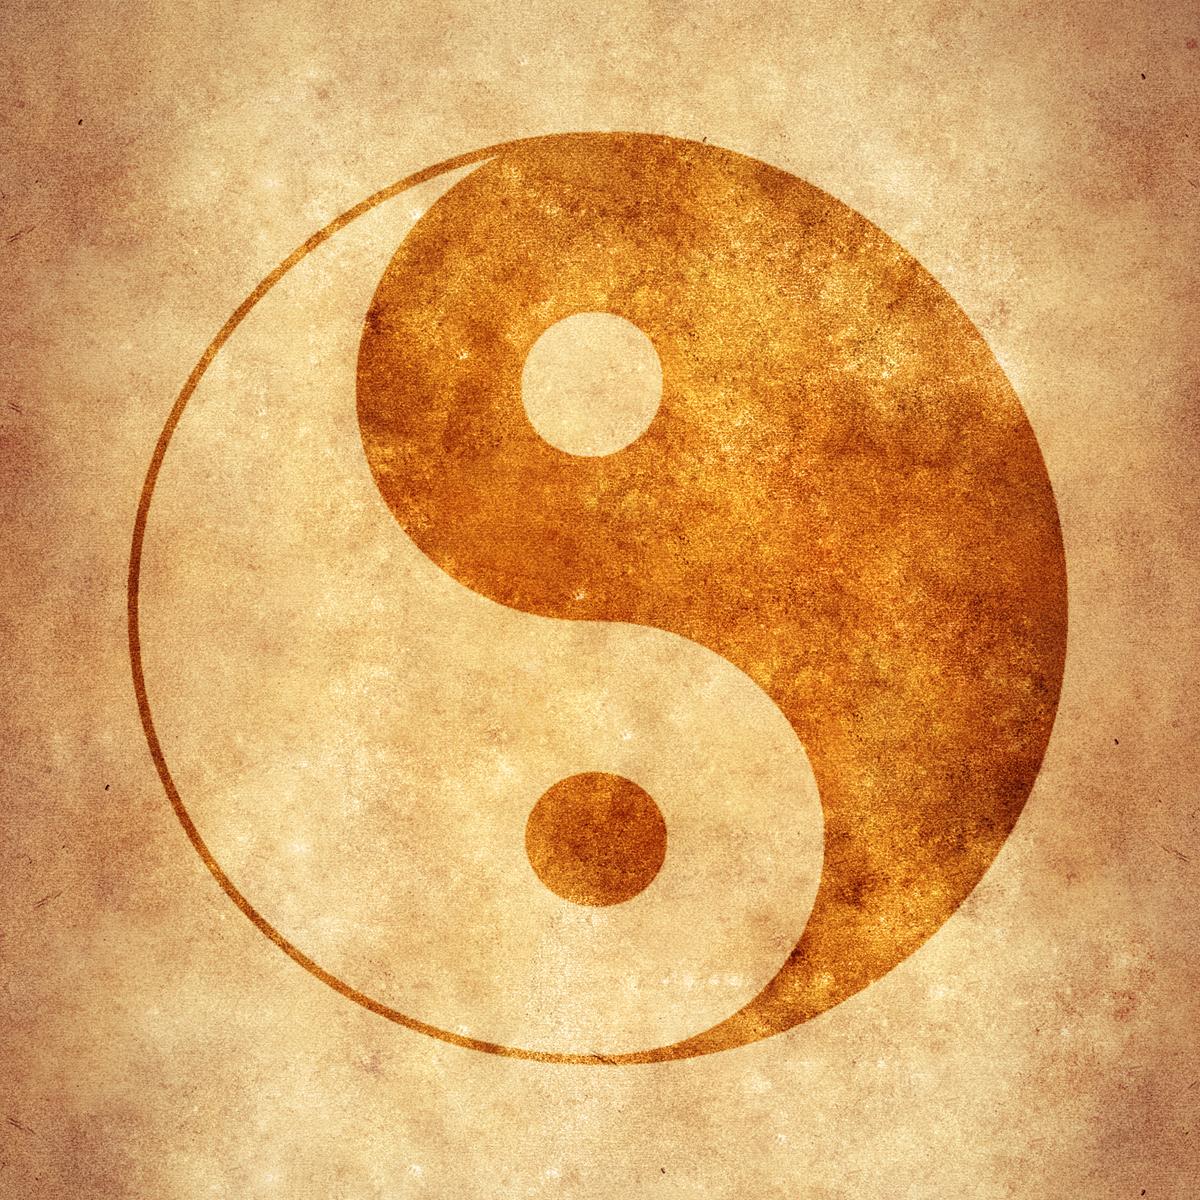 Yin yang photo